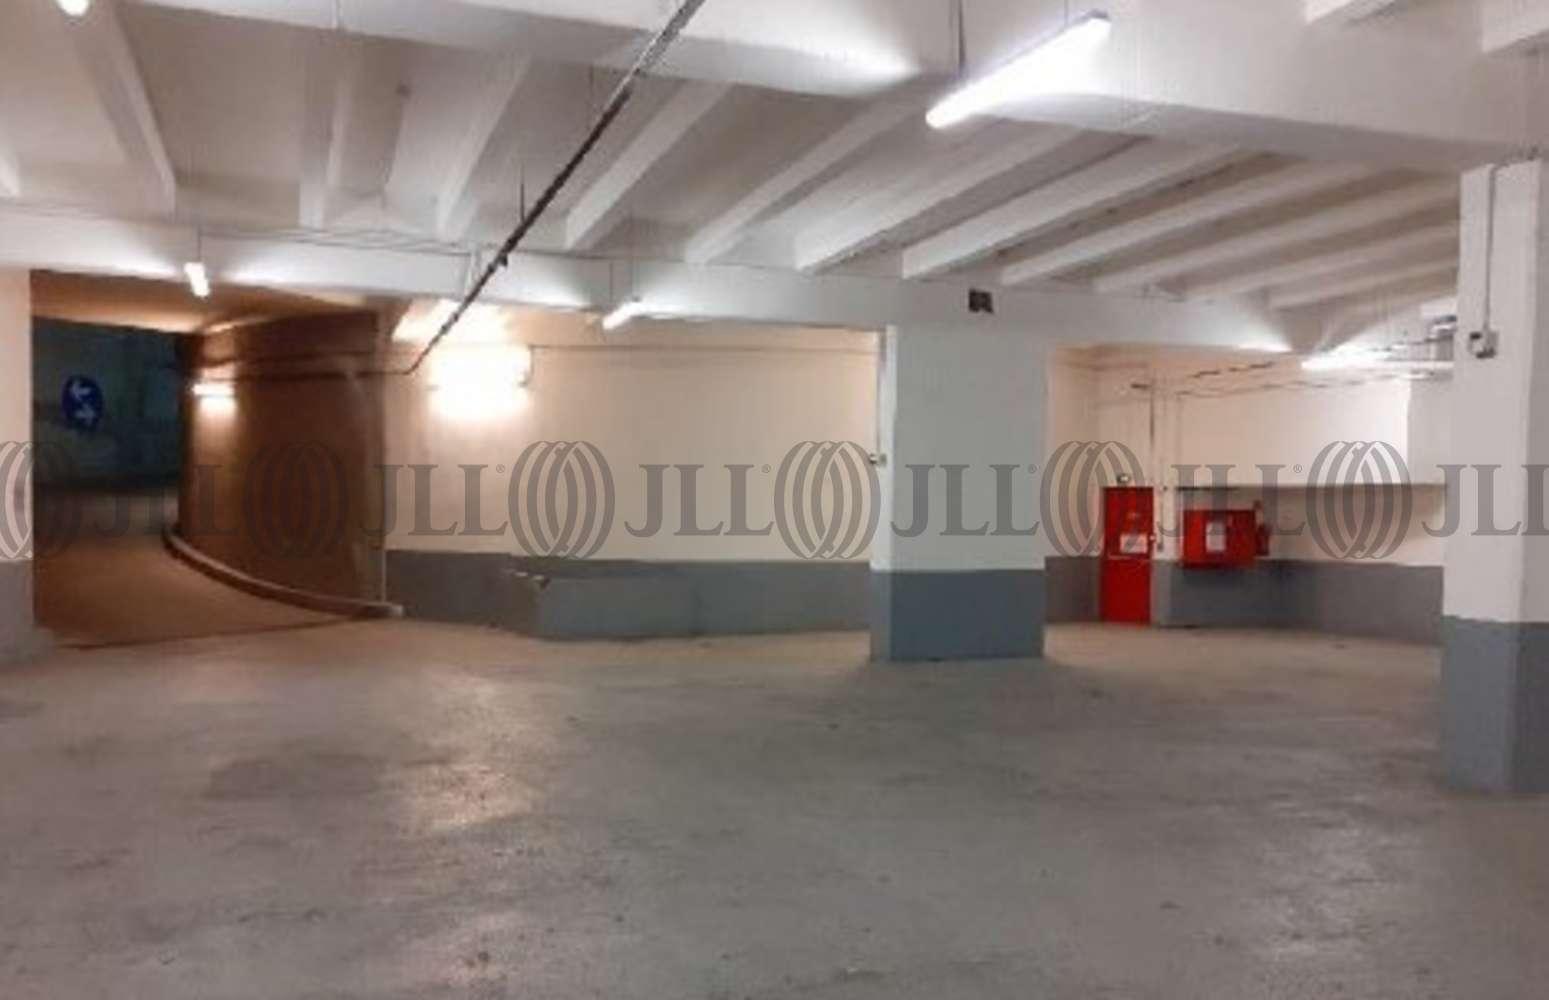 Activités/entrepôt Paris, 75018 - 64 RUE DOUDEAUVILLE